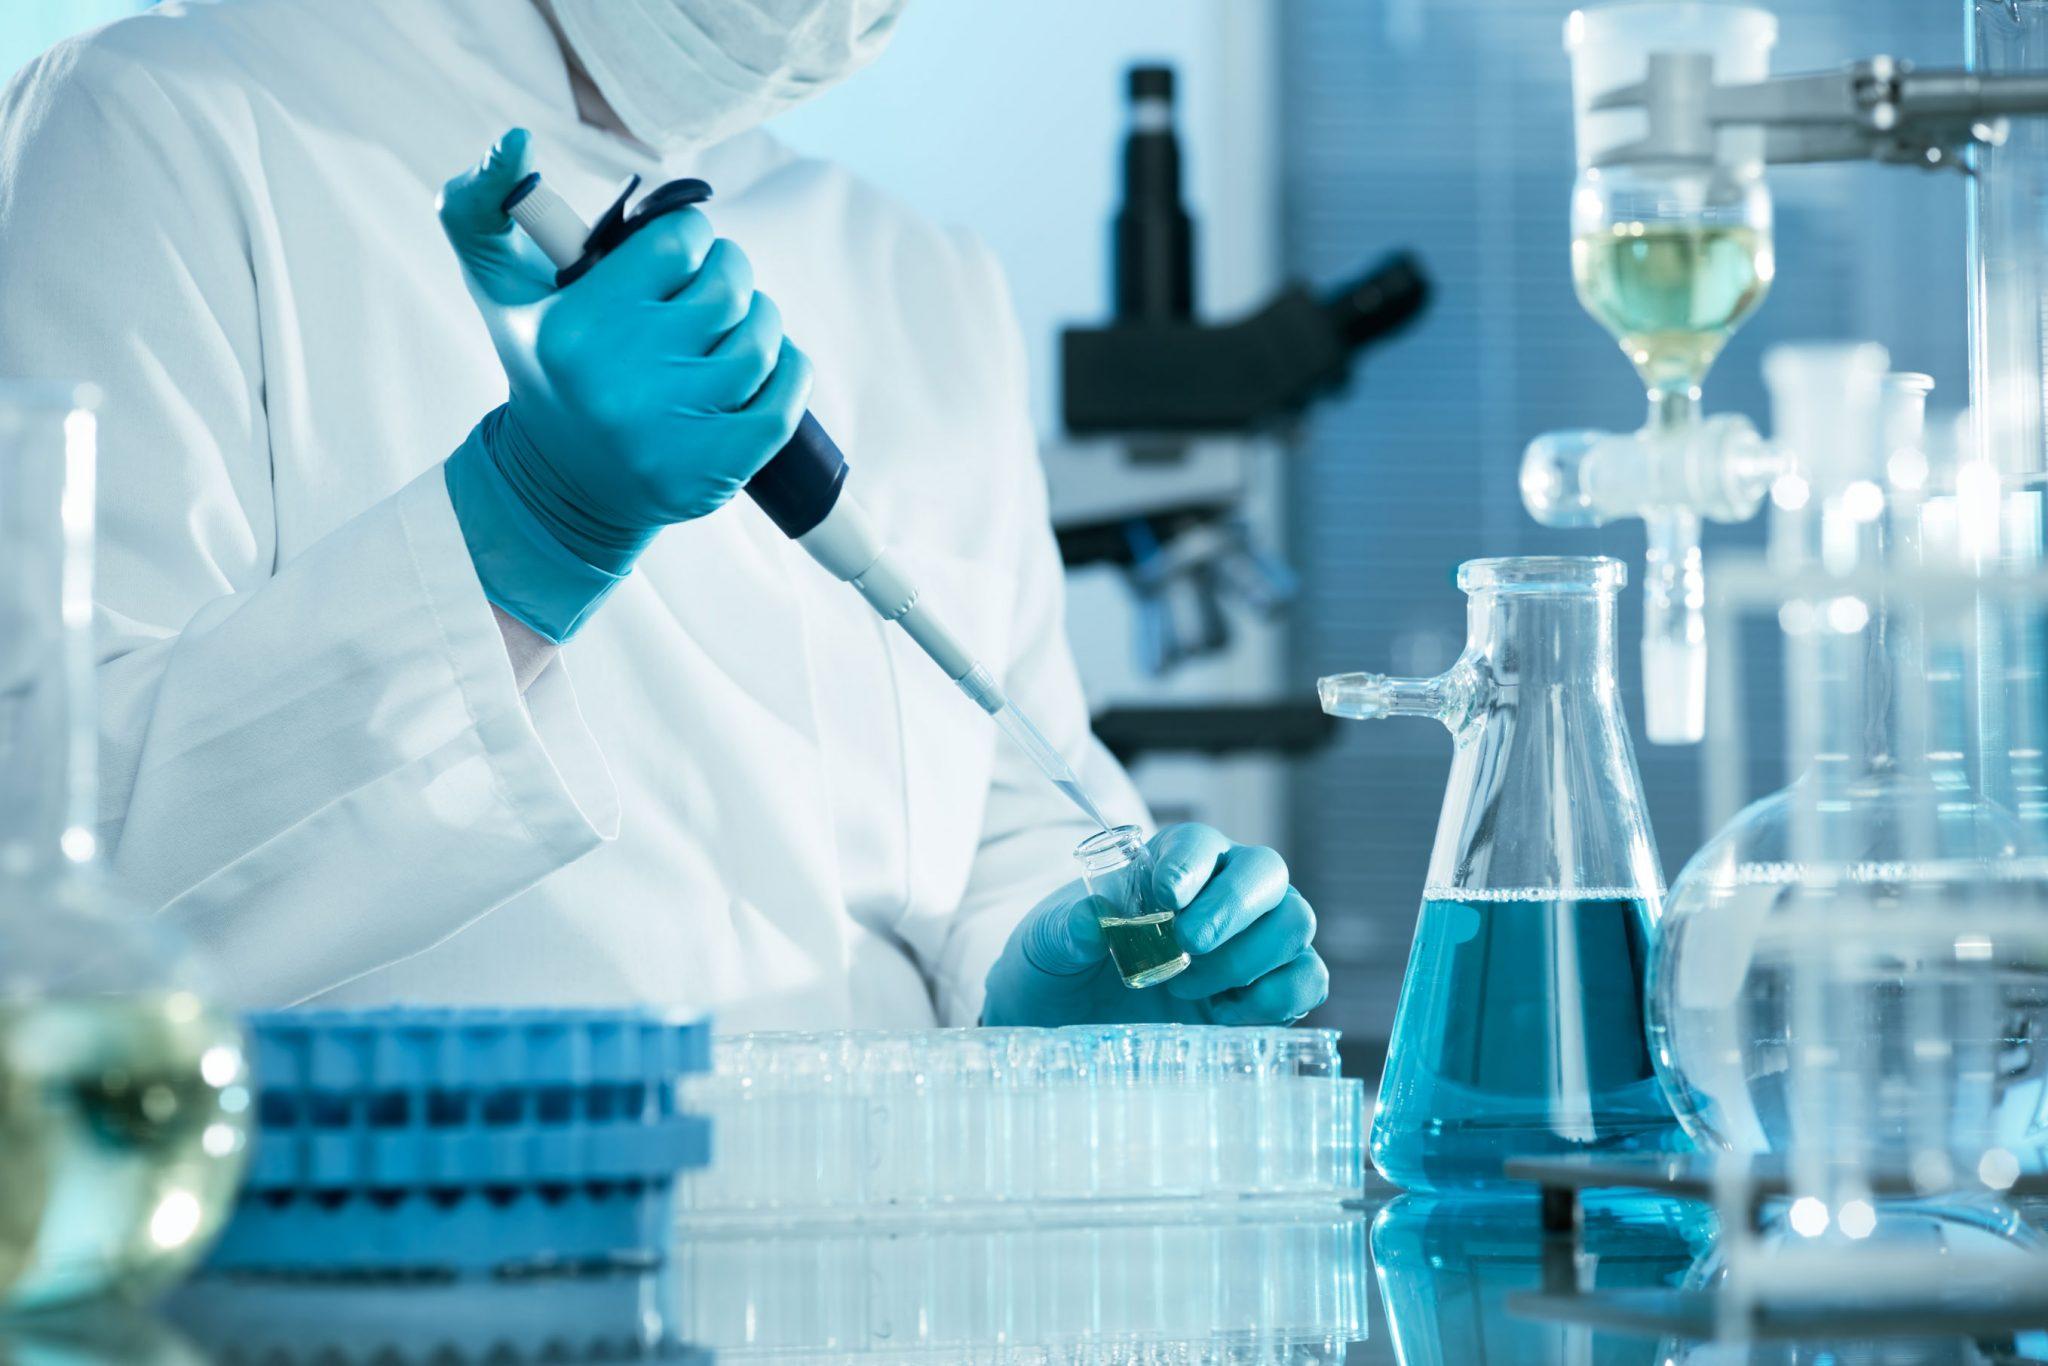 Bộ phẩn kỹ thuật sản xuất doanh nghiệp